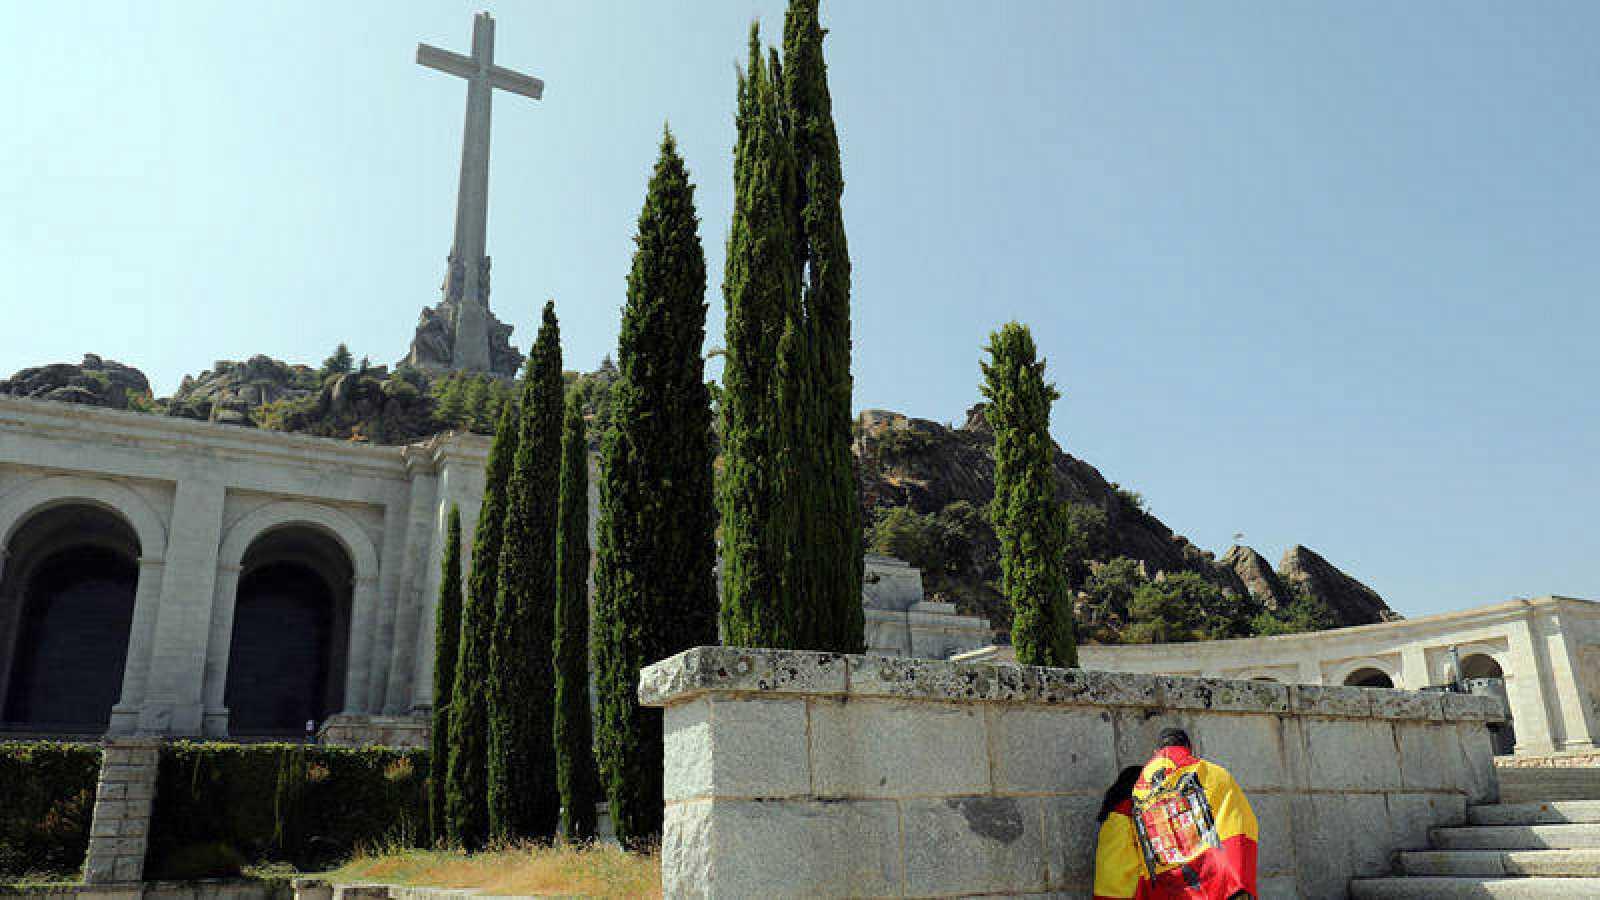 Un hombre con la bandera preconstitucional en el Valle de los Caídos